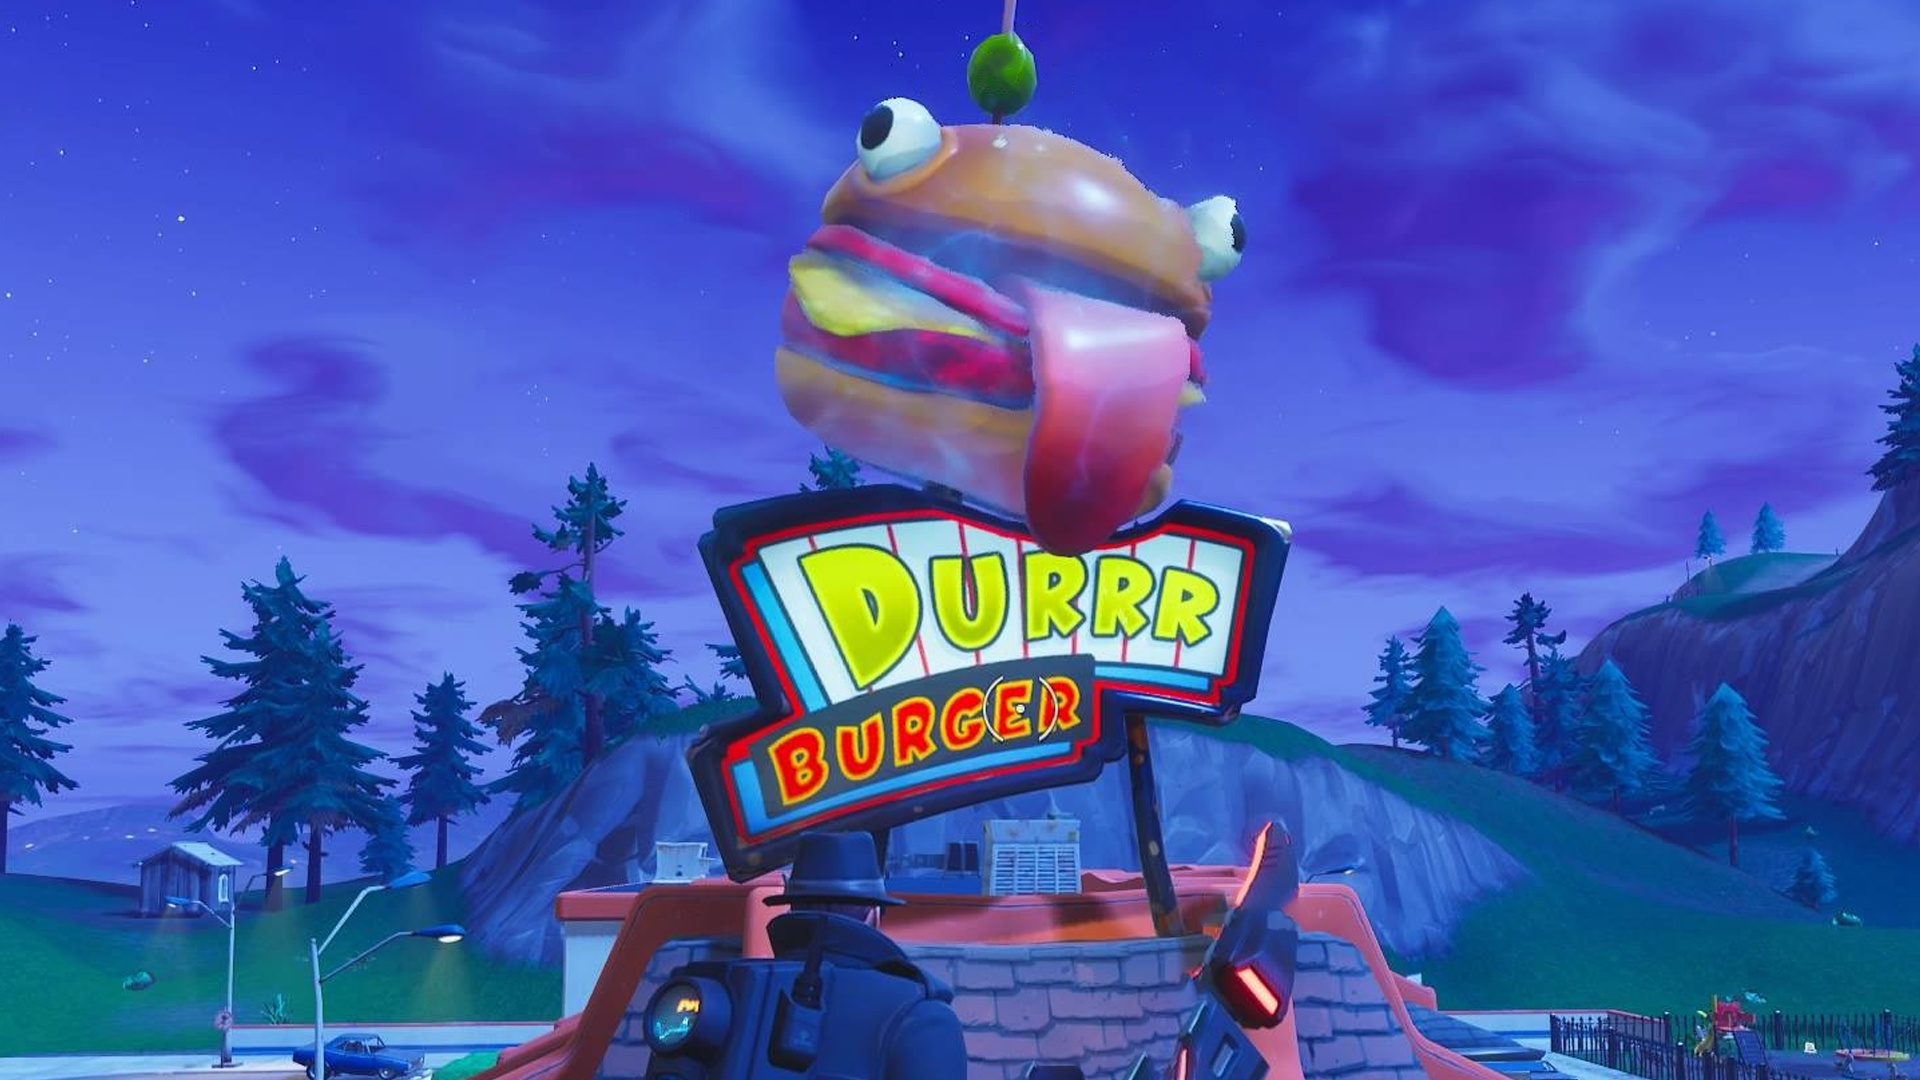 Fortnite Season 5 Burger In Der Wuste Lamas Auf Der Ganzen Welt